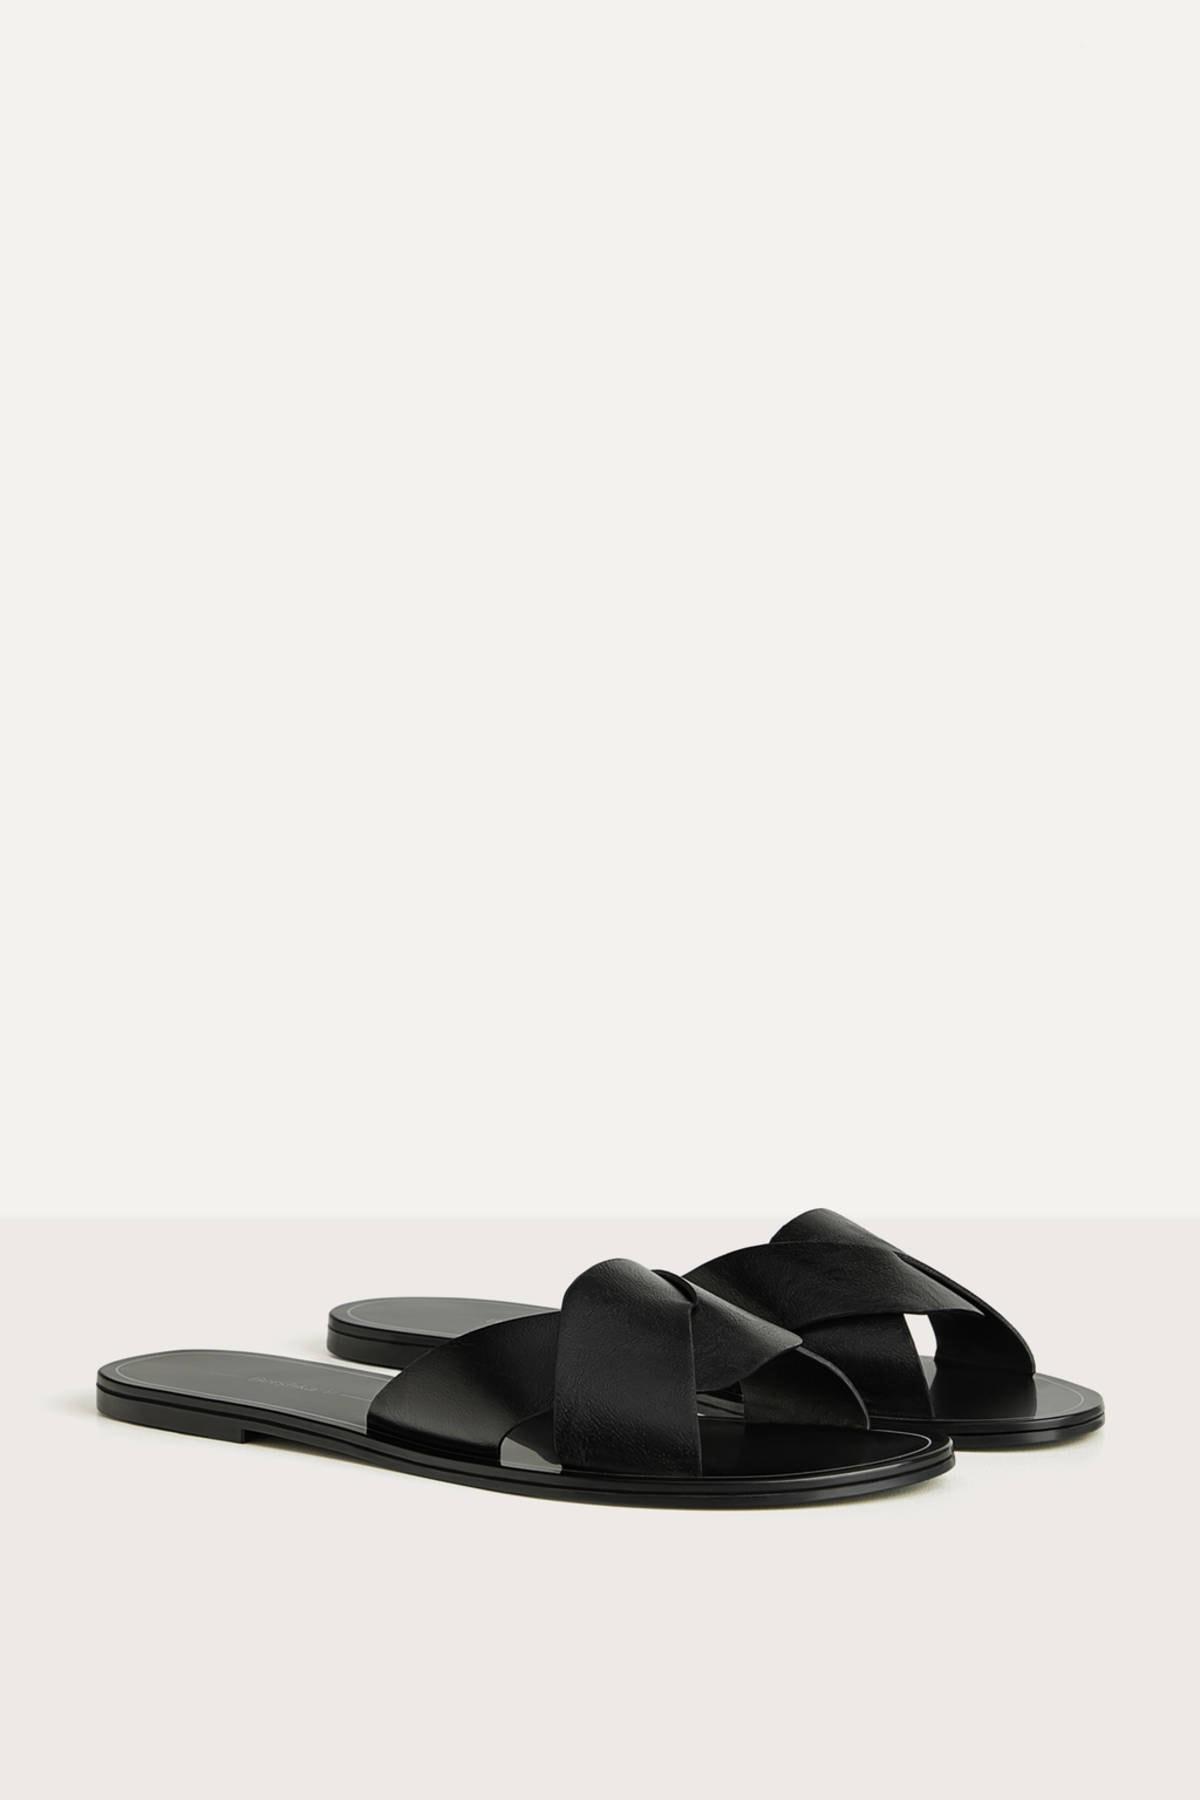 Bershka Kadın Siyah Çapraz Bantlı Düz Sandalet 11800561